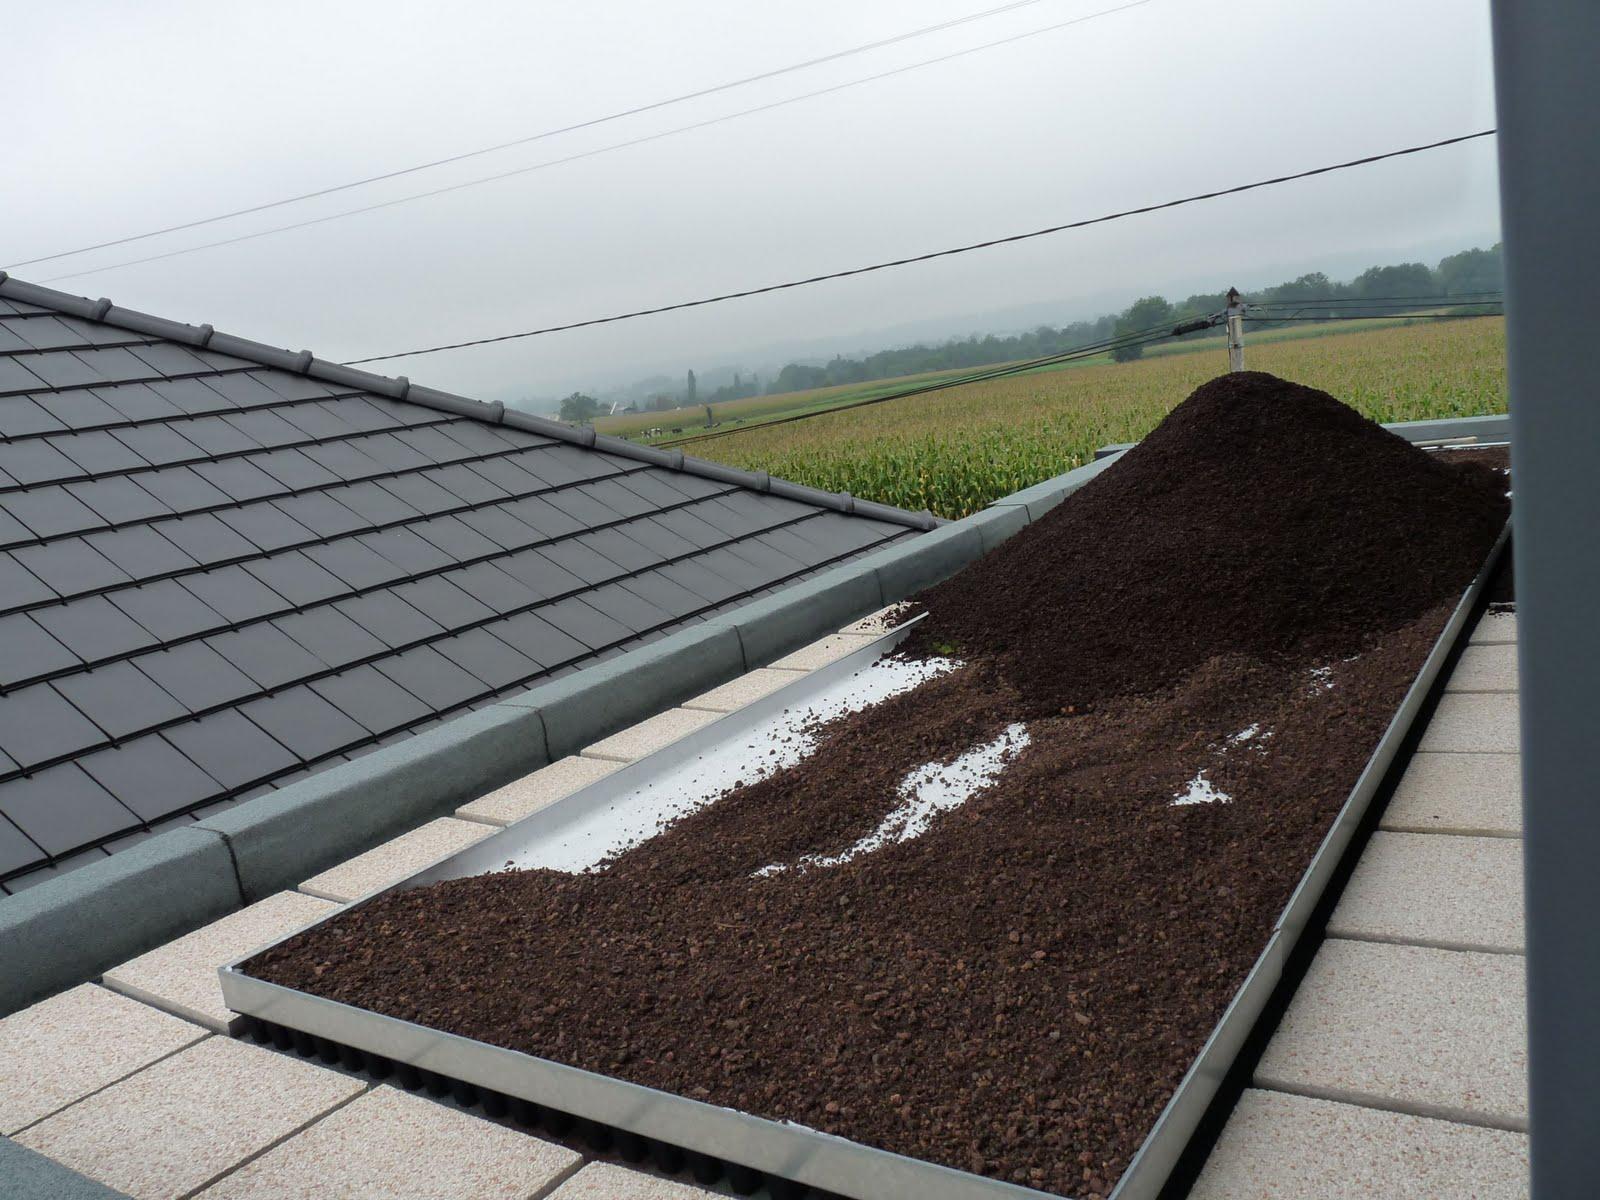 en direct du lanot isolation charpente tage terre sur toiture terrasse. Black Bedroom Furniture Sets. Home Design Ideas